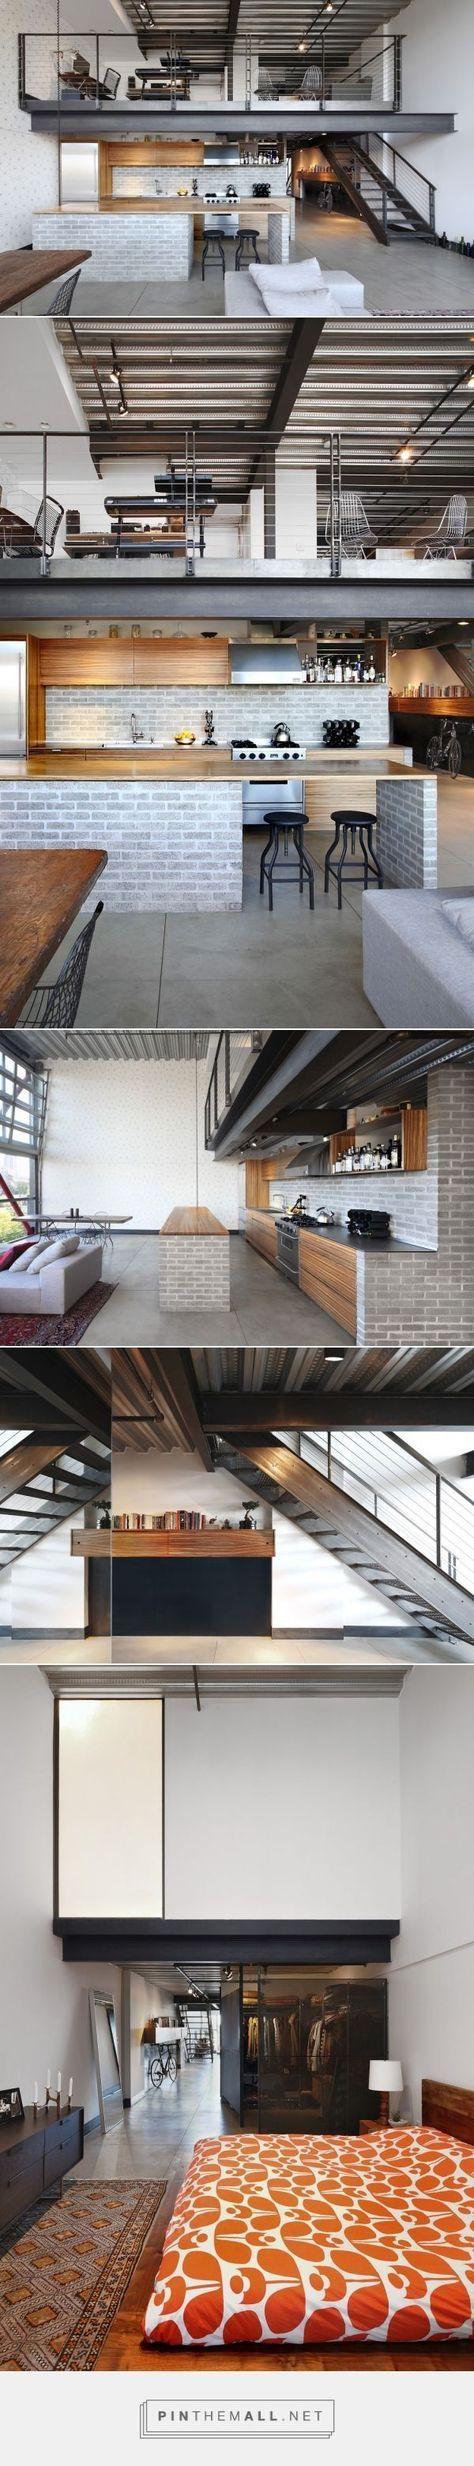 Modern House Design & Architecture : Modern Loft Design by the Urbanist Lab